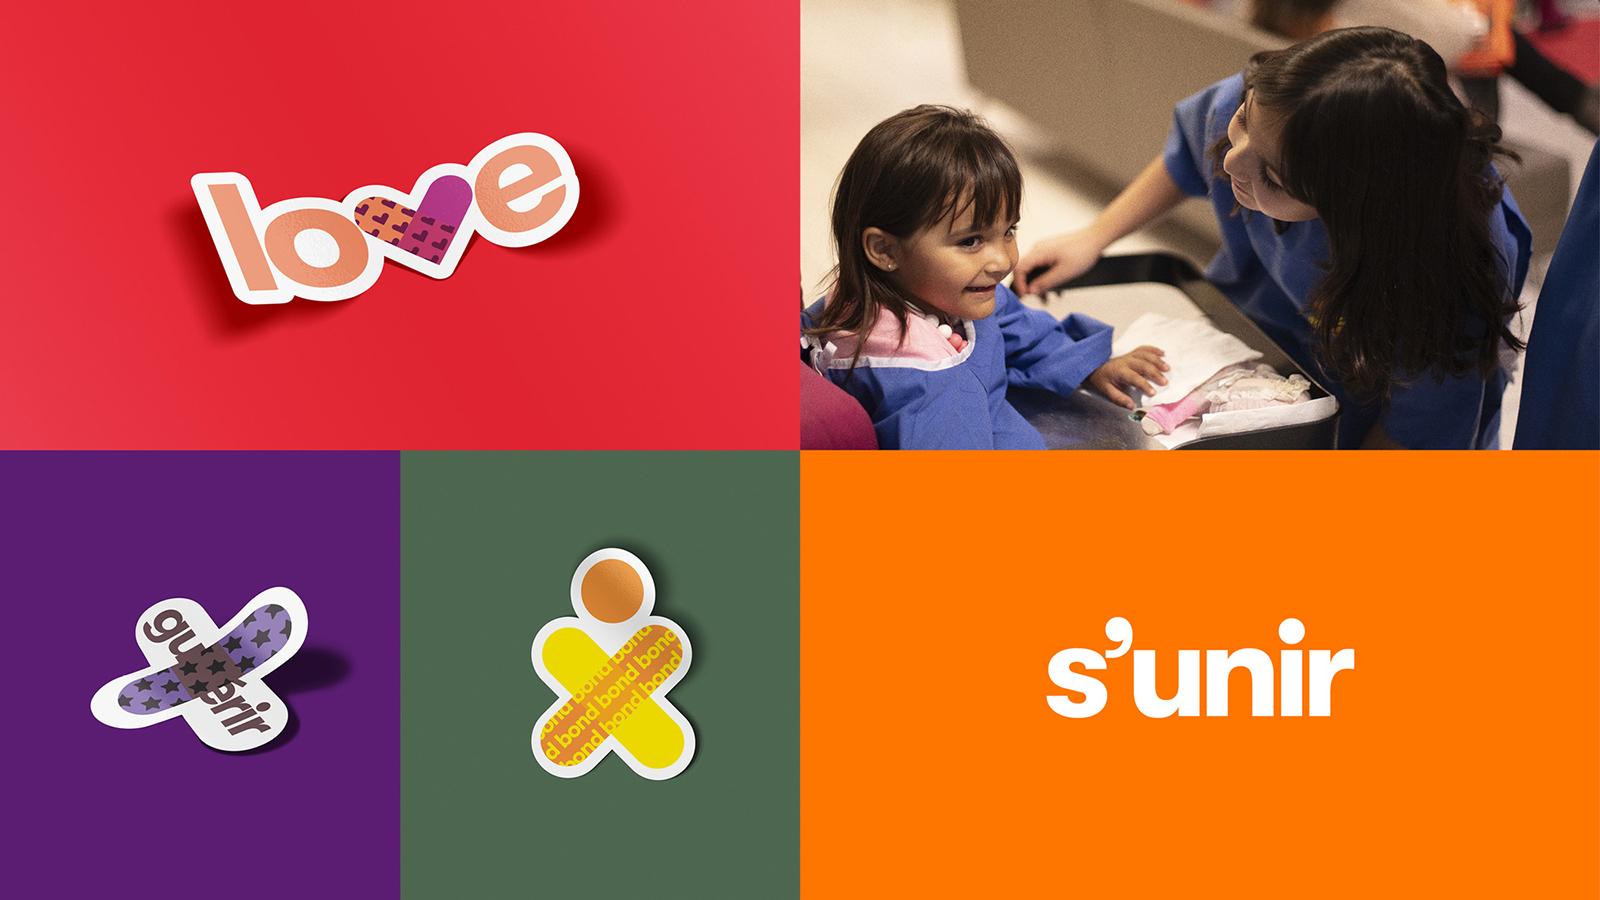 蒙特利爾兒童醫院基金會啟動新的logo和形象-VI設計5